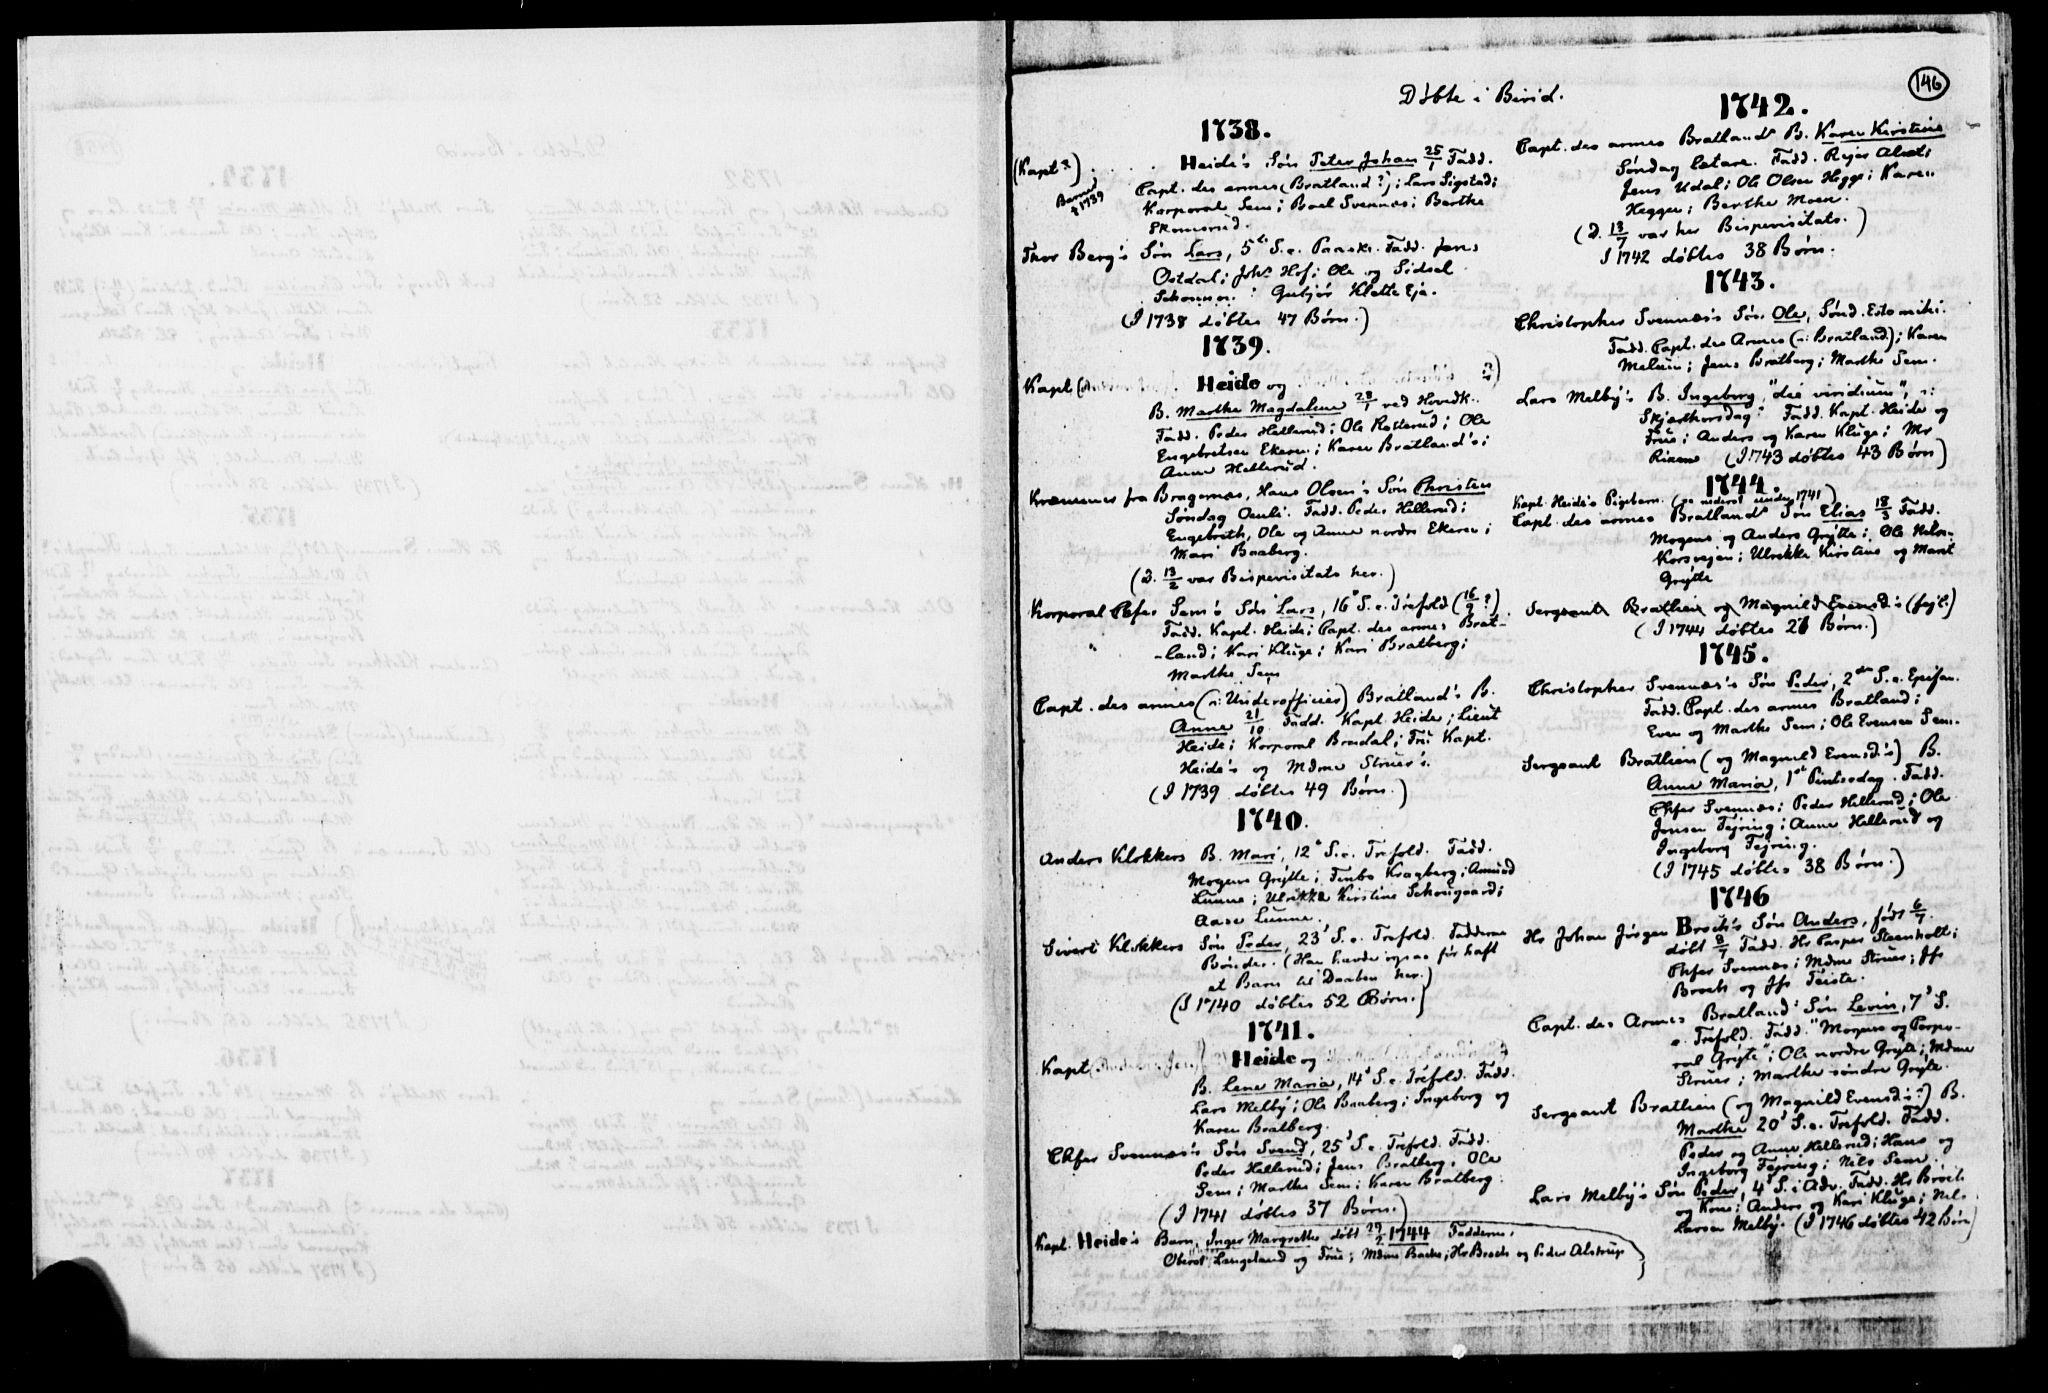 SAH, Biri prestekontor, Ministerialbok, 1730-1879, s. 146